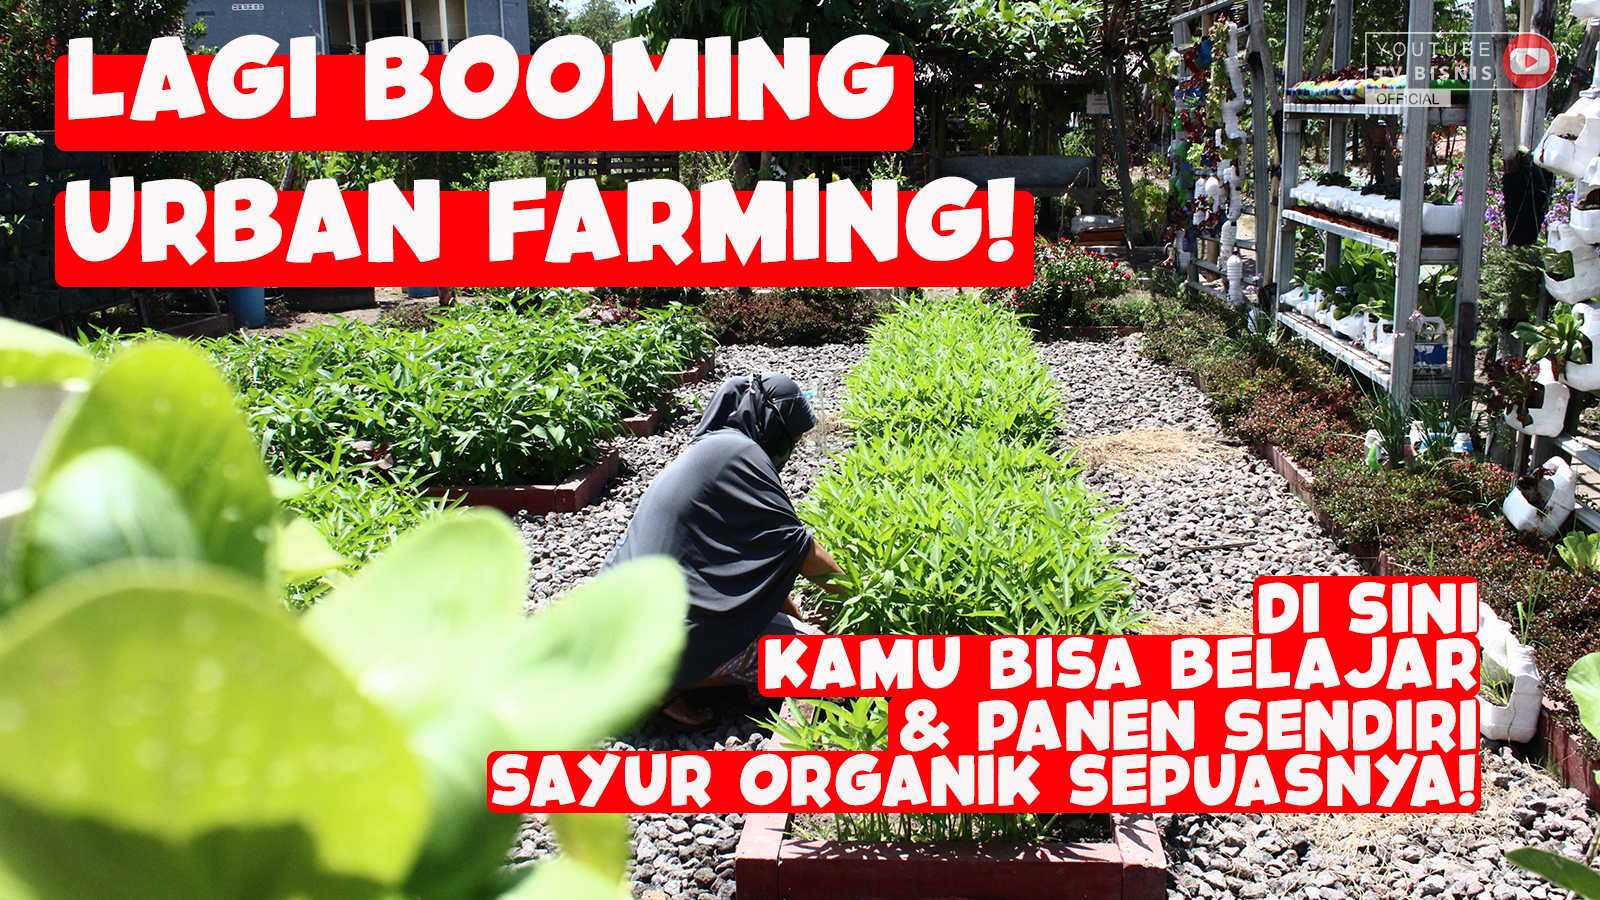 Konsep-Urban-Farming-Pertanian-Ramah-Lingkungan-Di-Caping-Merapi